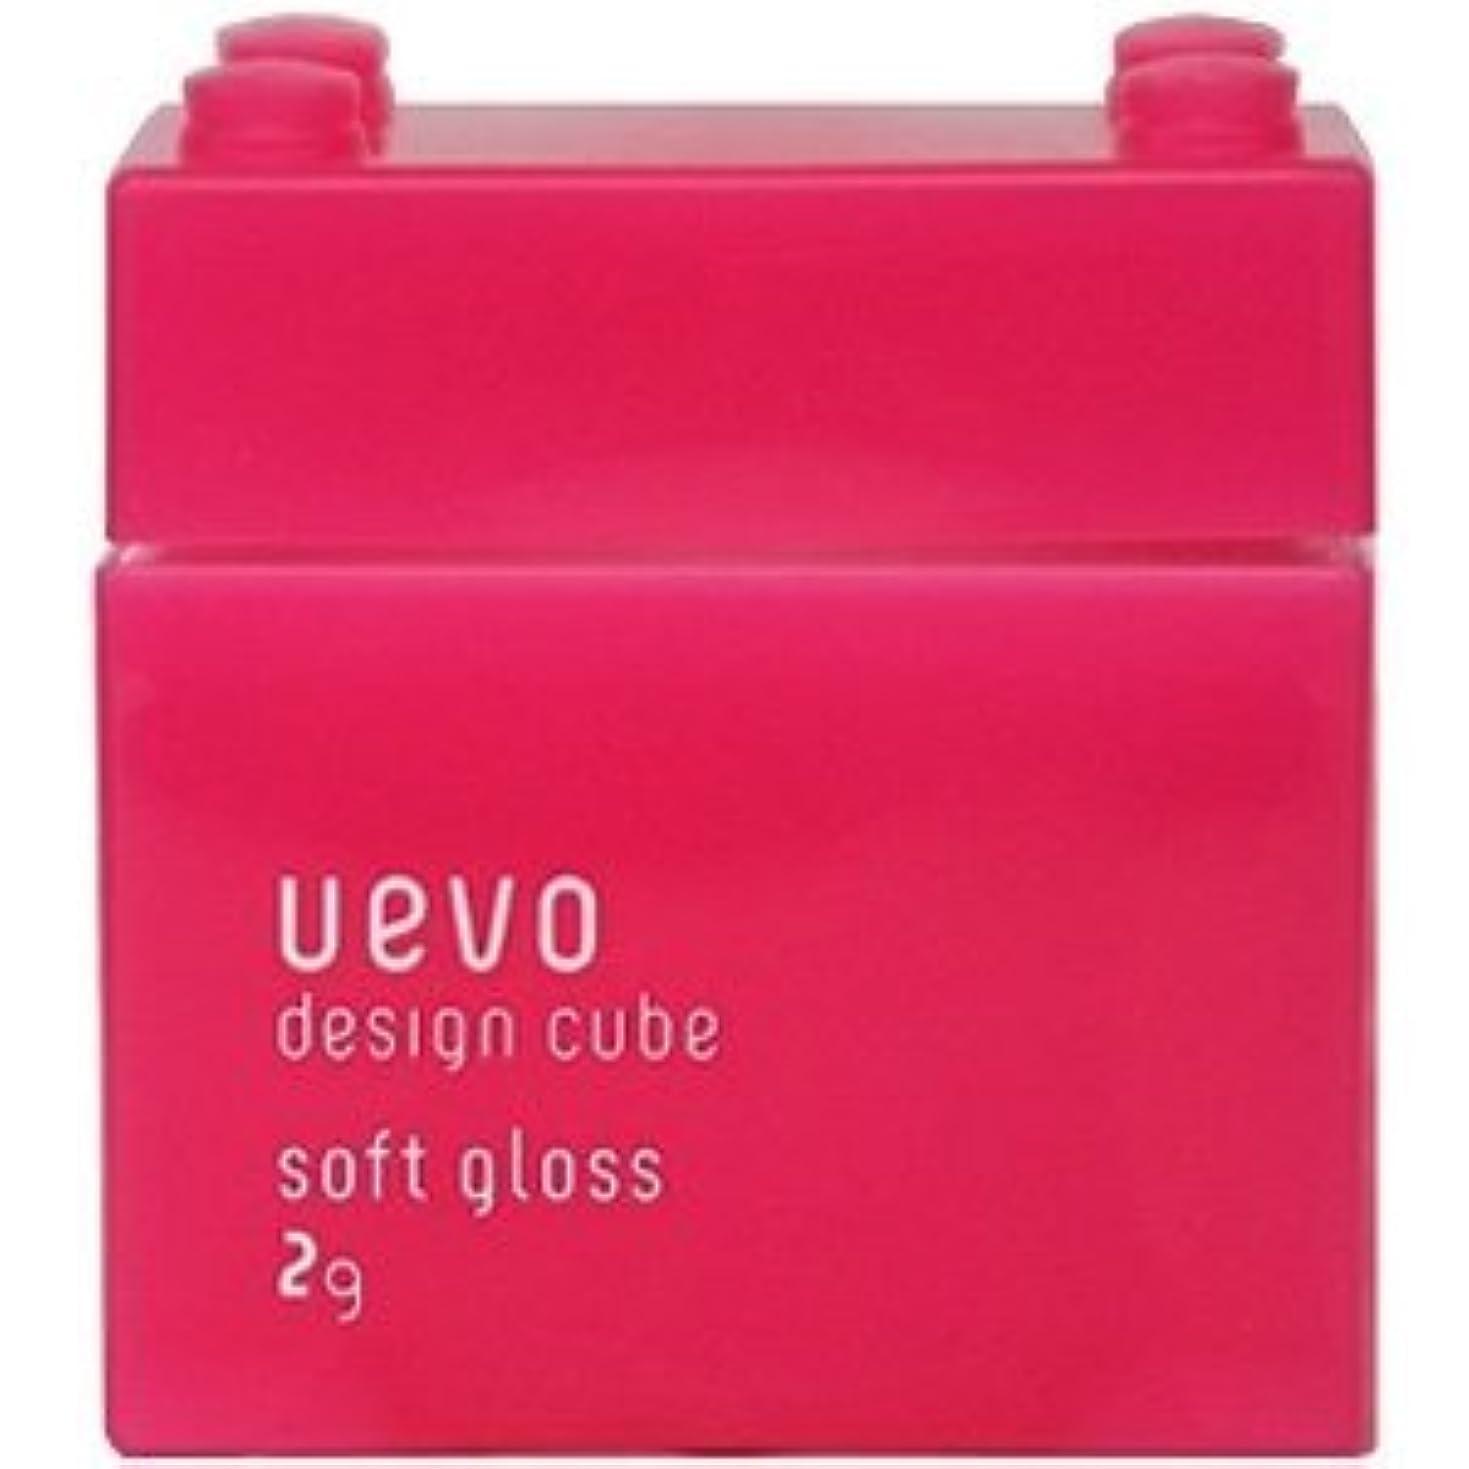 概してロッドシングル【X2個セット】 デミ ウェーボ デザインキューブ ソフトグロス 80g soft gloss DEMI uevo design cube